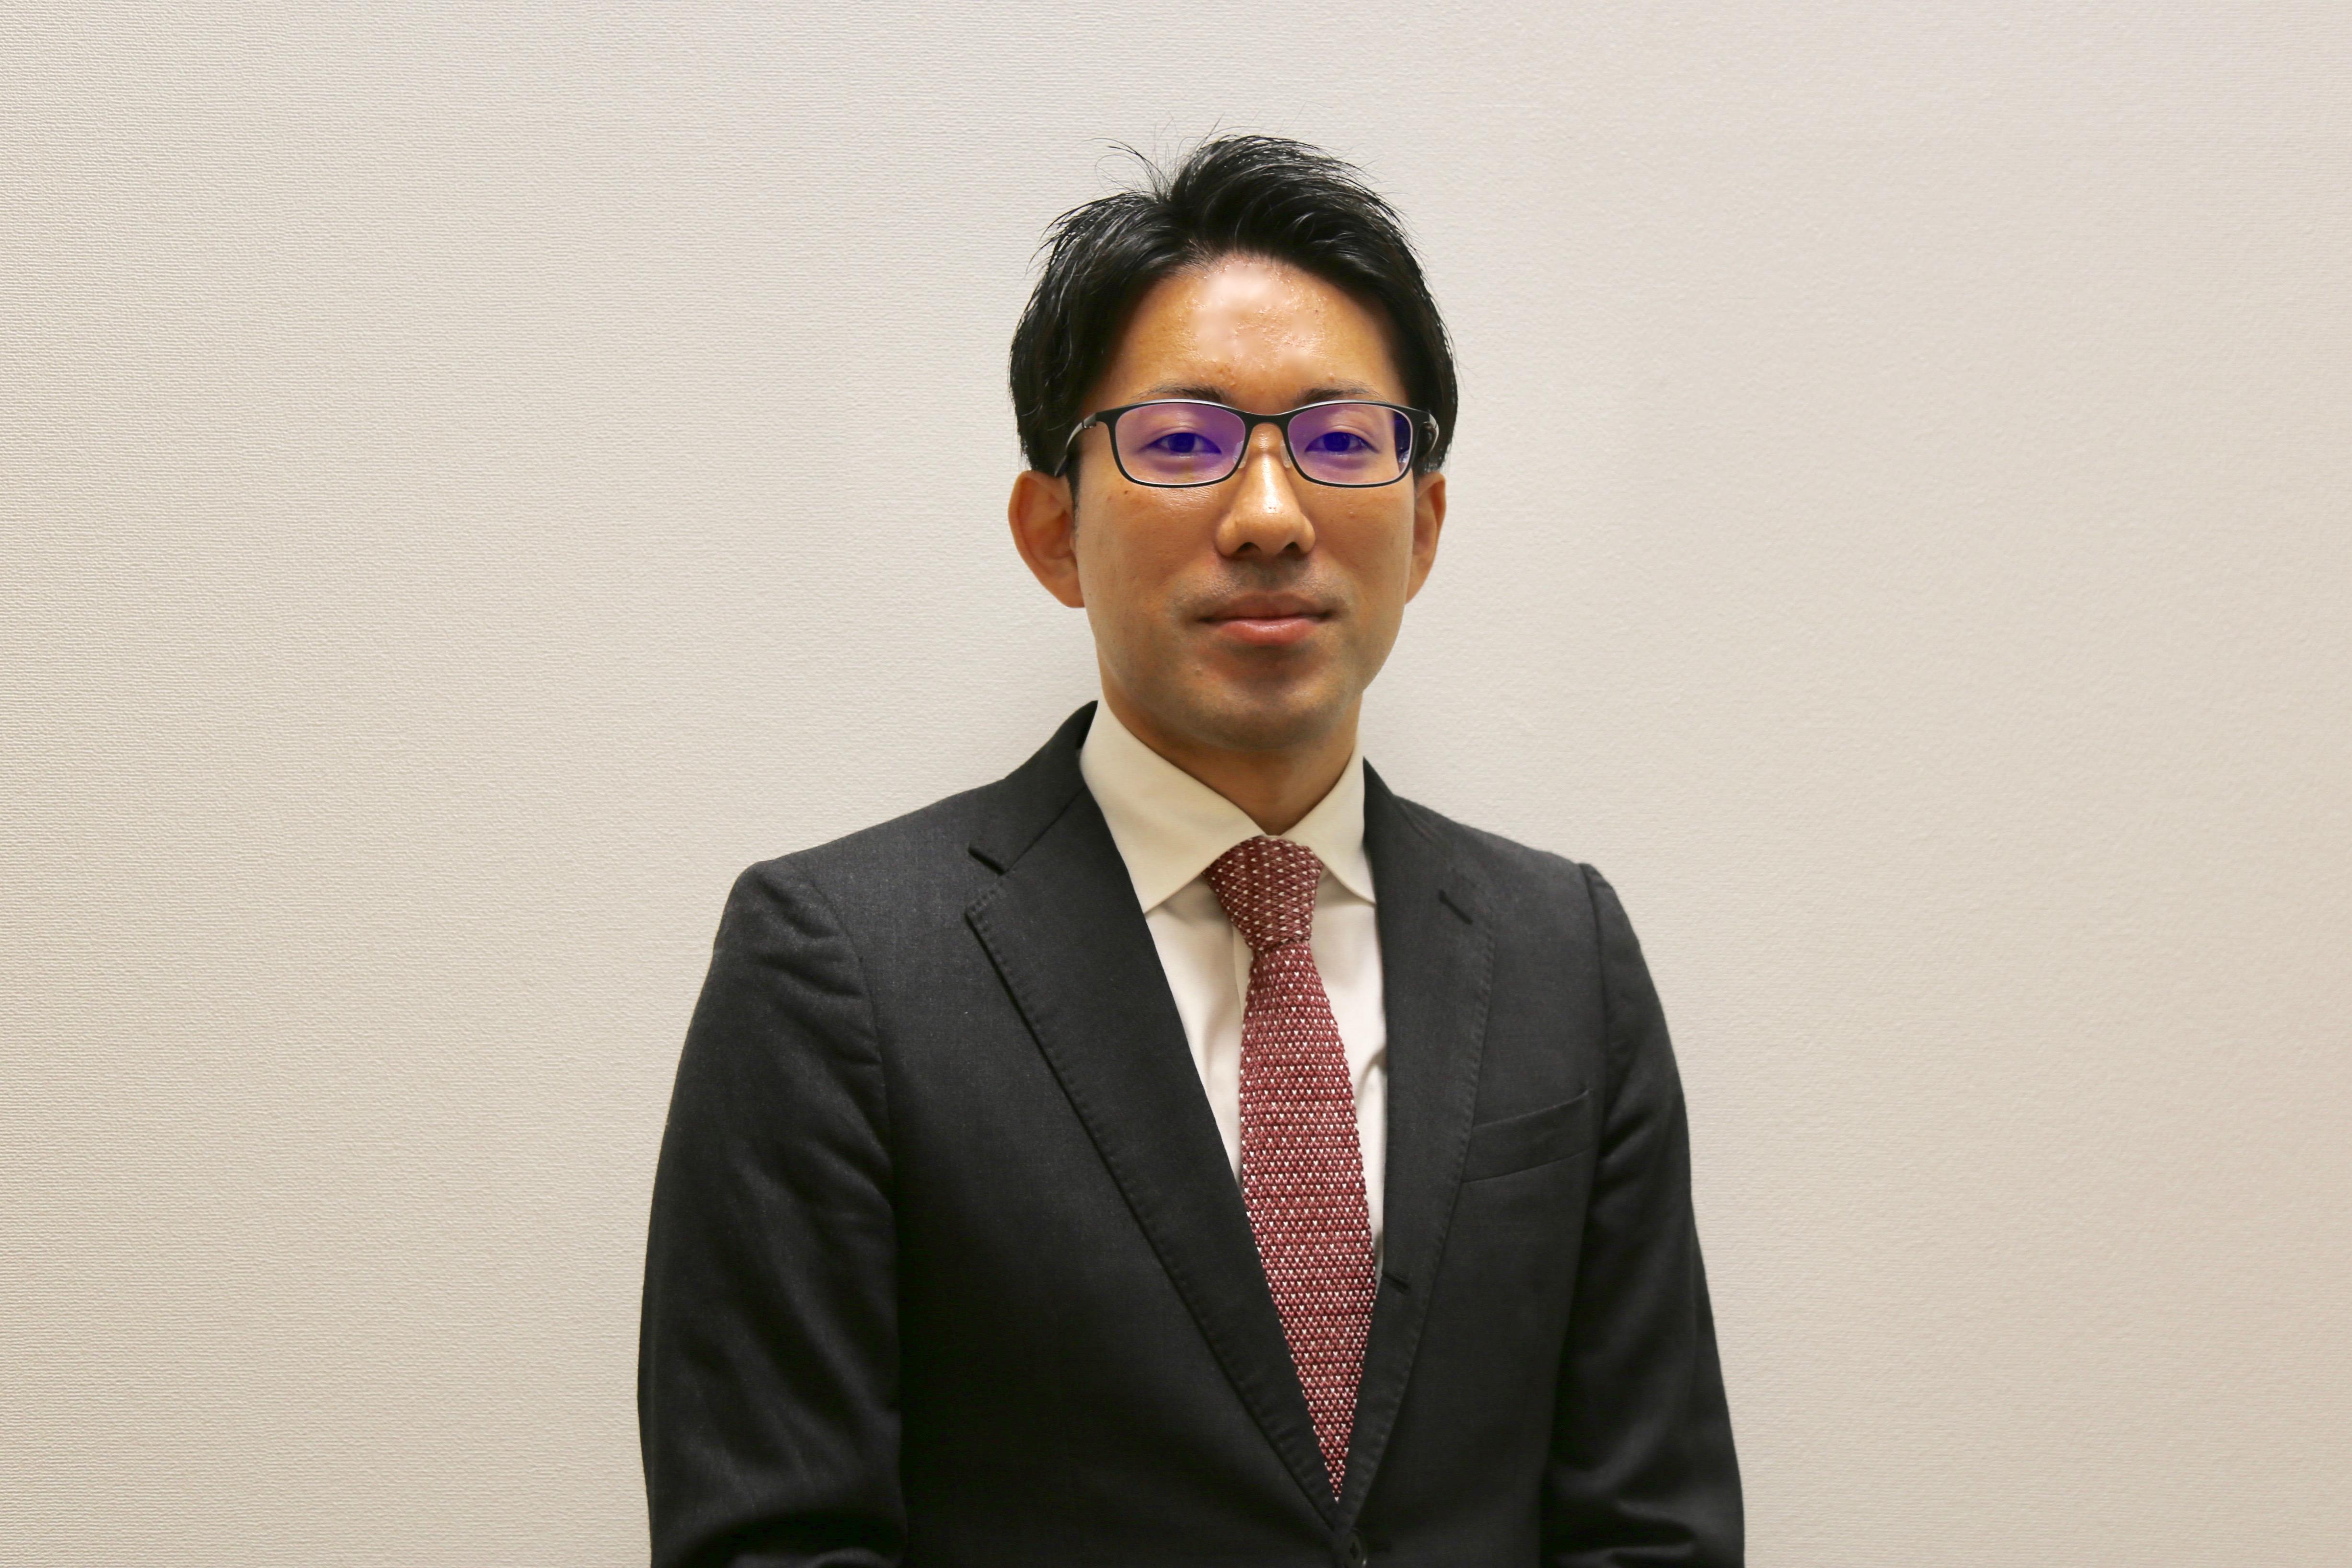 """現場と仕組みづくり、多角的な視点で""""医療と社会""""に貢献する——坂上祐樹先生のあゆみ"""